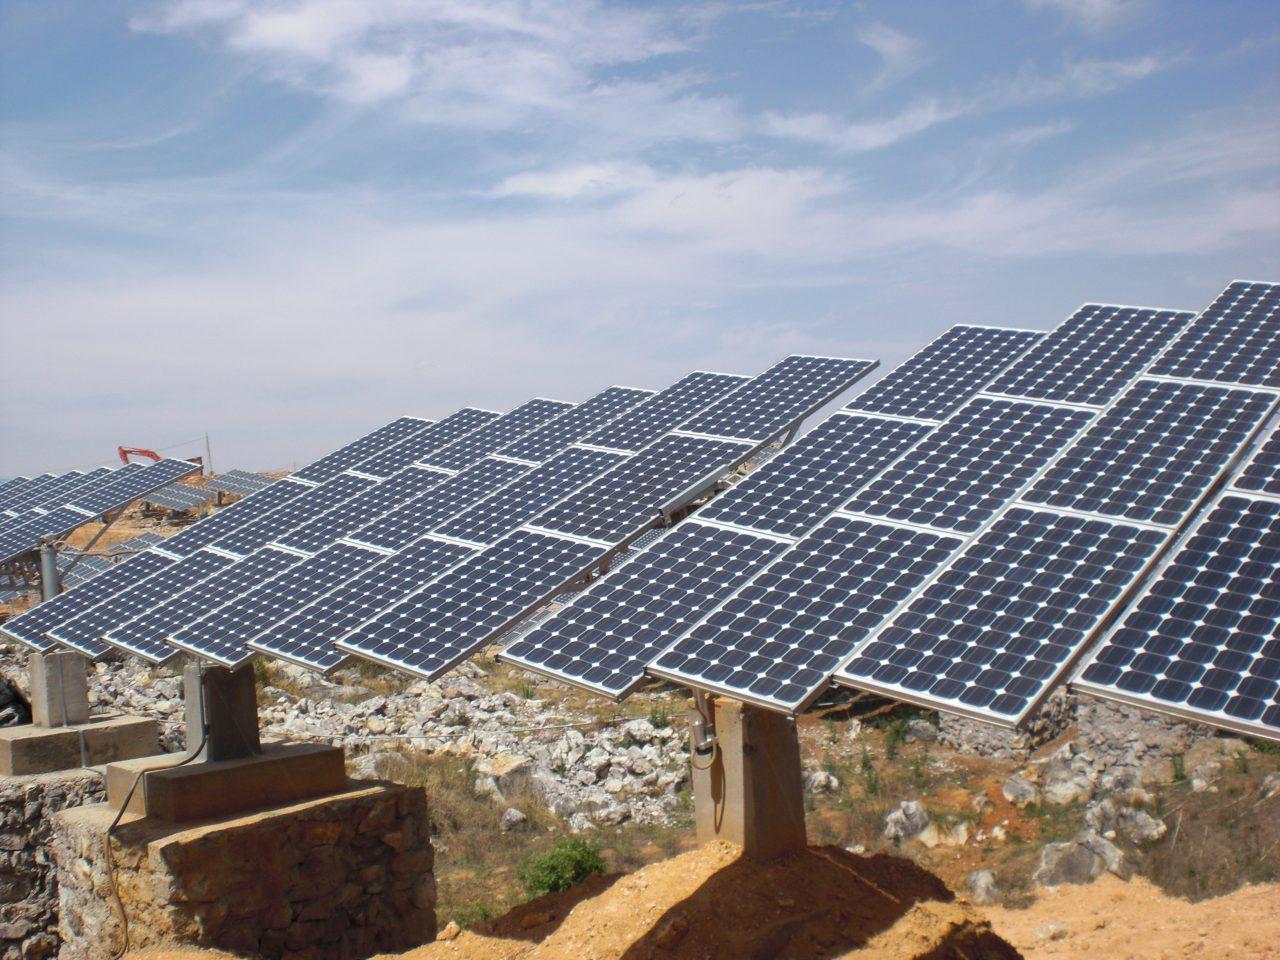 ԱԳԲԱ Լիզինգ. նոր շահավետ պայմաններ՝ ֆոտովոլտային կայանների և արևային ջրատաքացուցիչների նախագծերի ֆինանսավորման համար